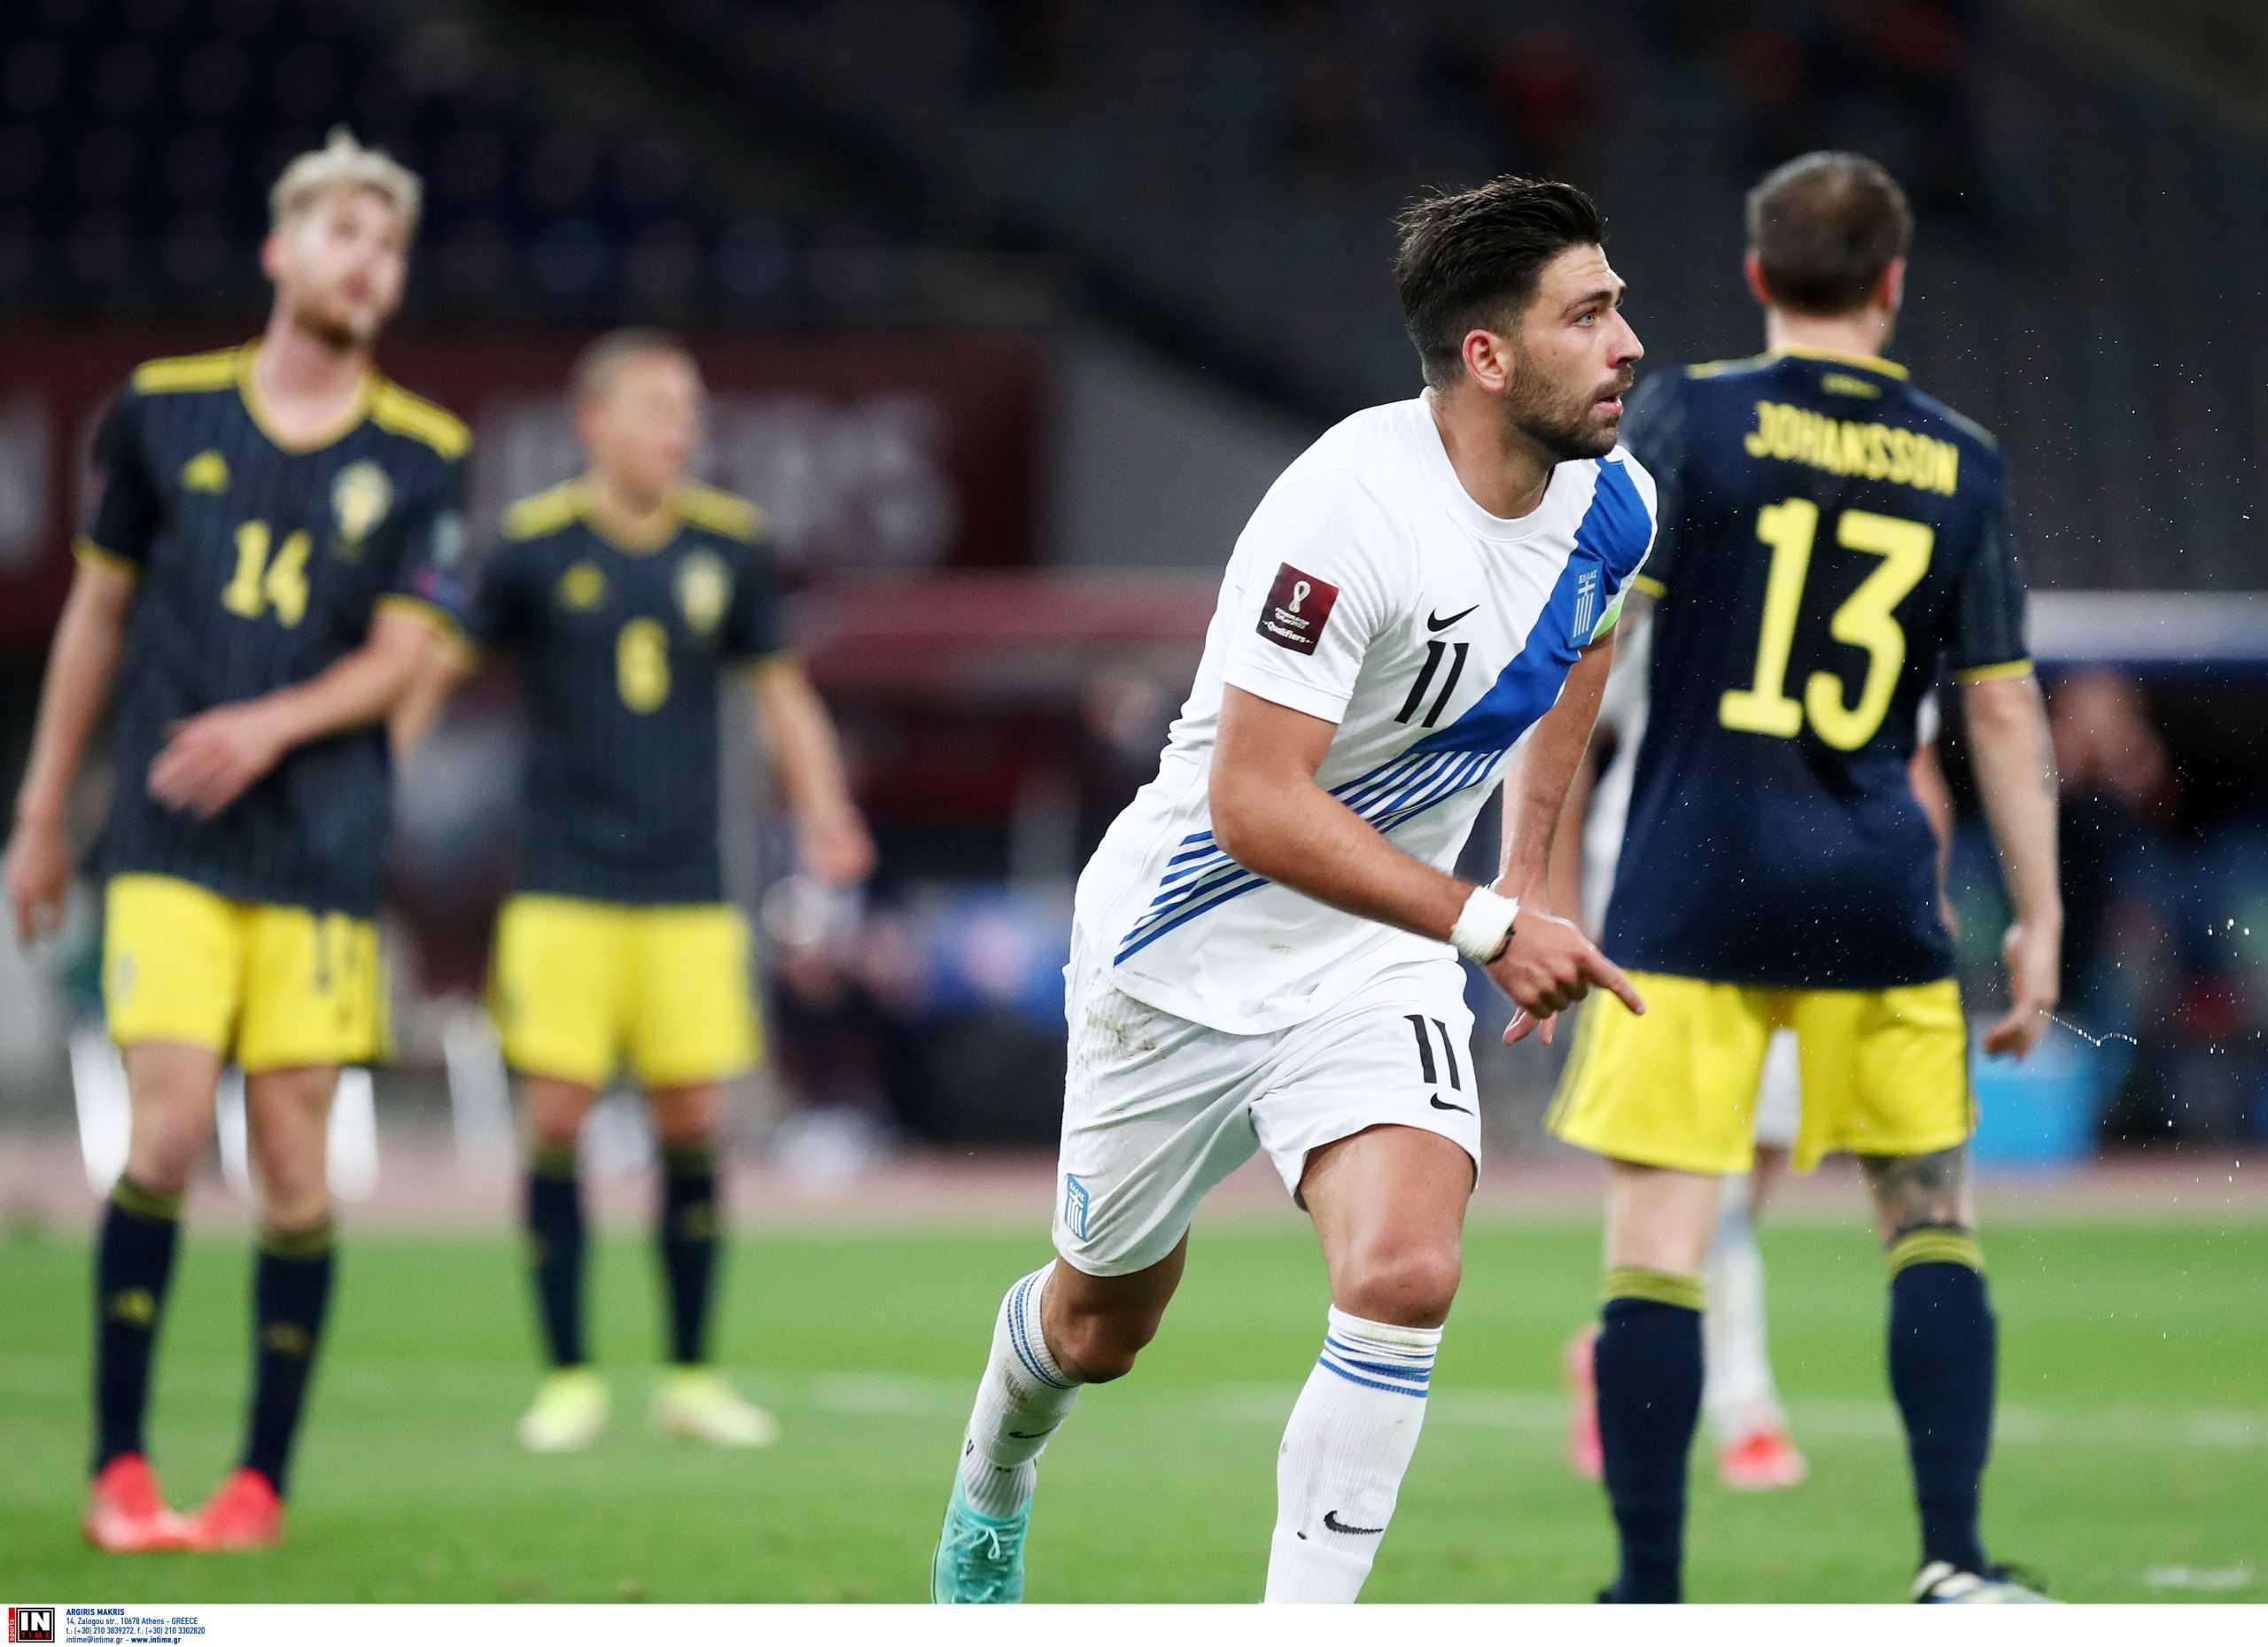 Με το Σουηδία-Ελλάδα και το Μπασκόνια – Παναθηναϊκός οι αθλητικές μεταδόσεις (12/10)